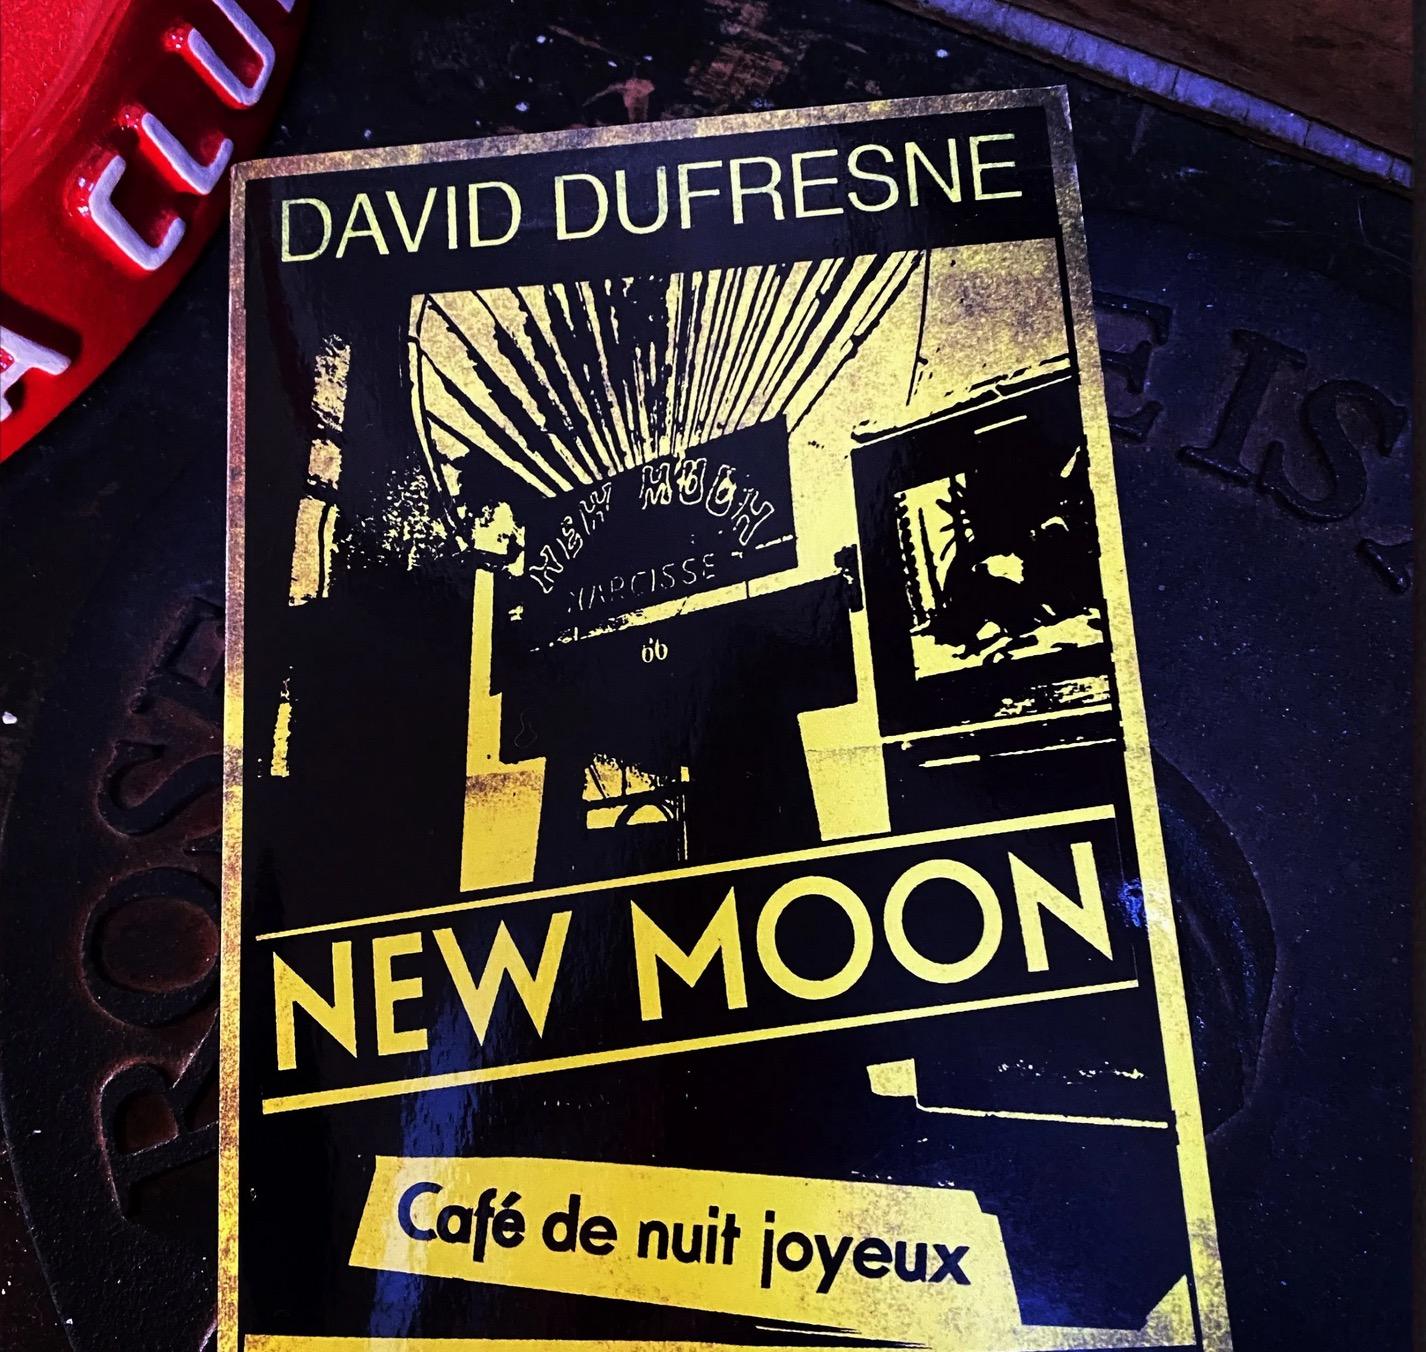 Au cœur de Pigalle avec David Dufresne : un livre, un film